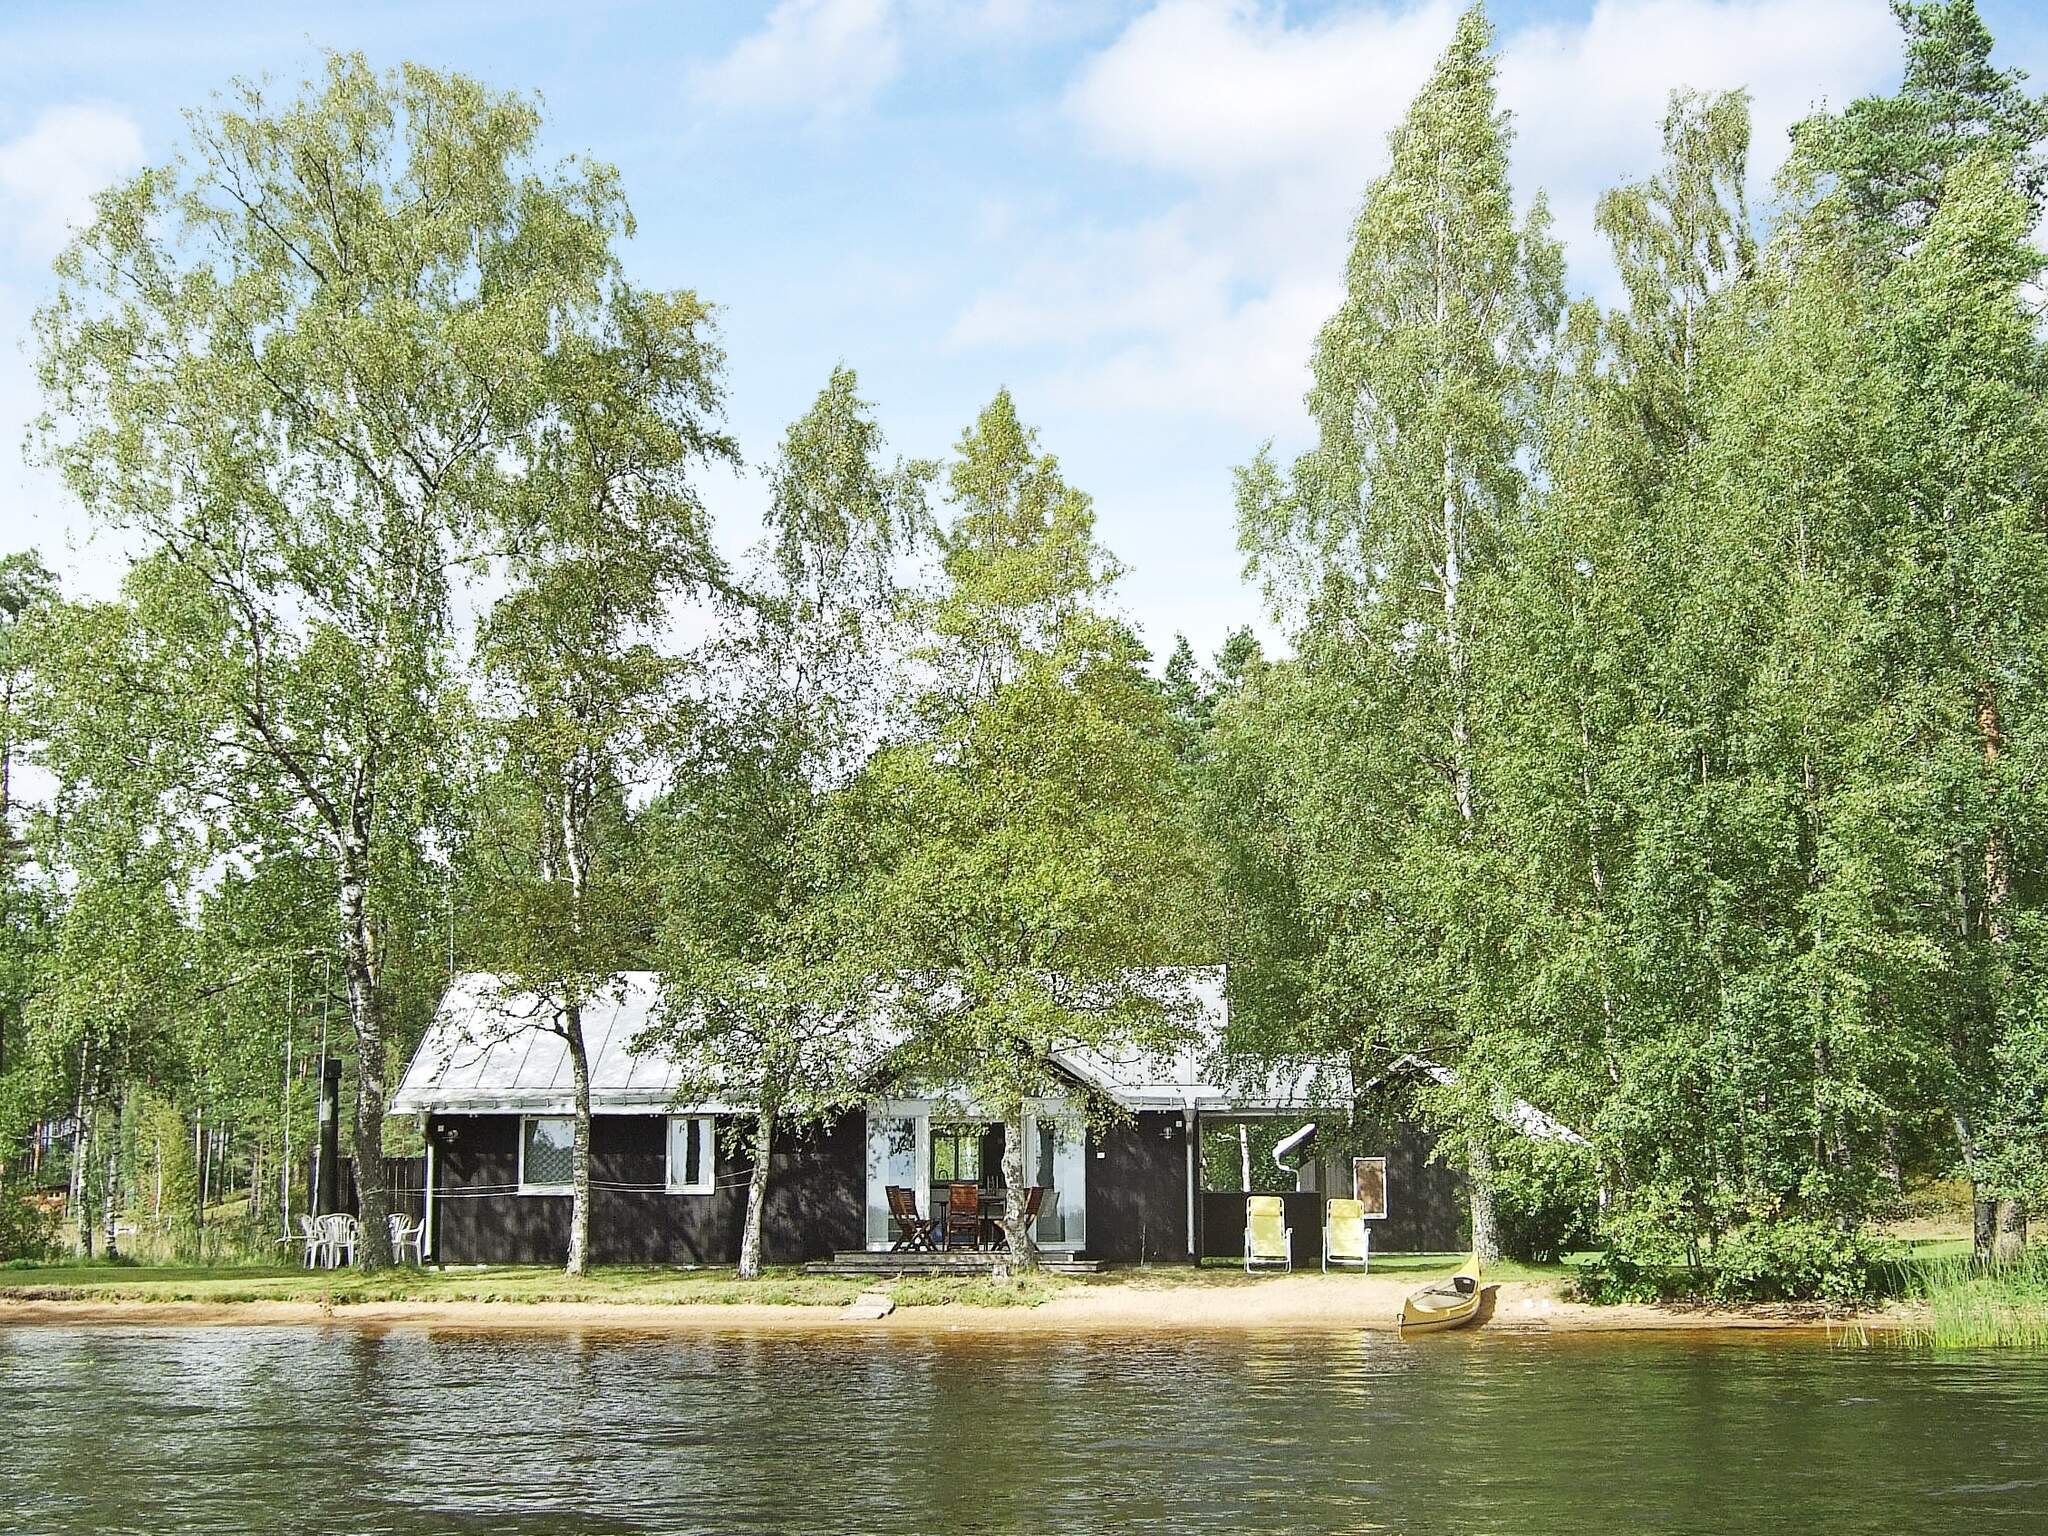 Ferienhaus Åhult (926589), Vaggeryd, Jönköpings län, Südschweden, Schweden, Bild 1